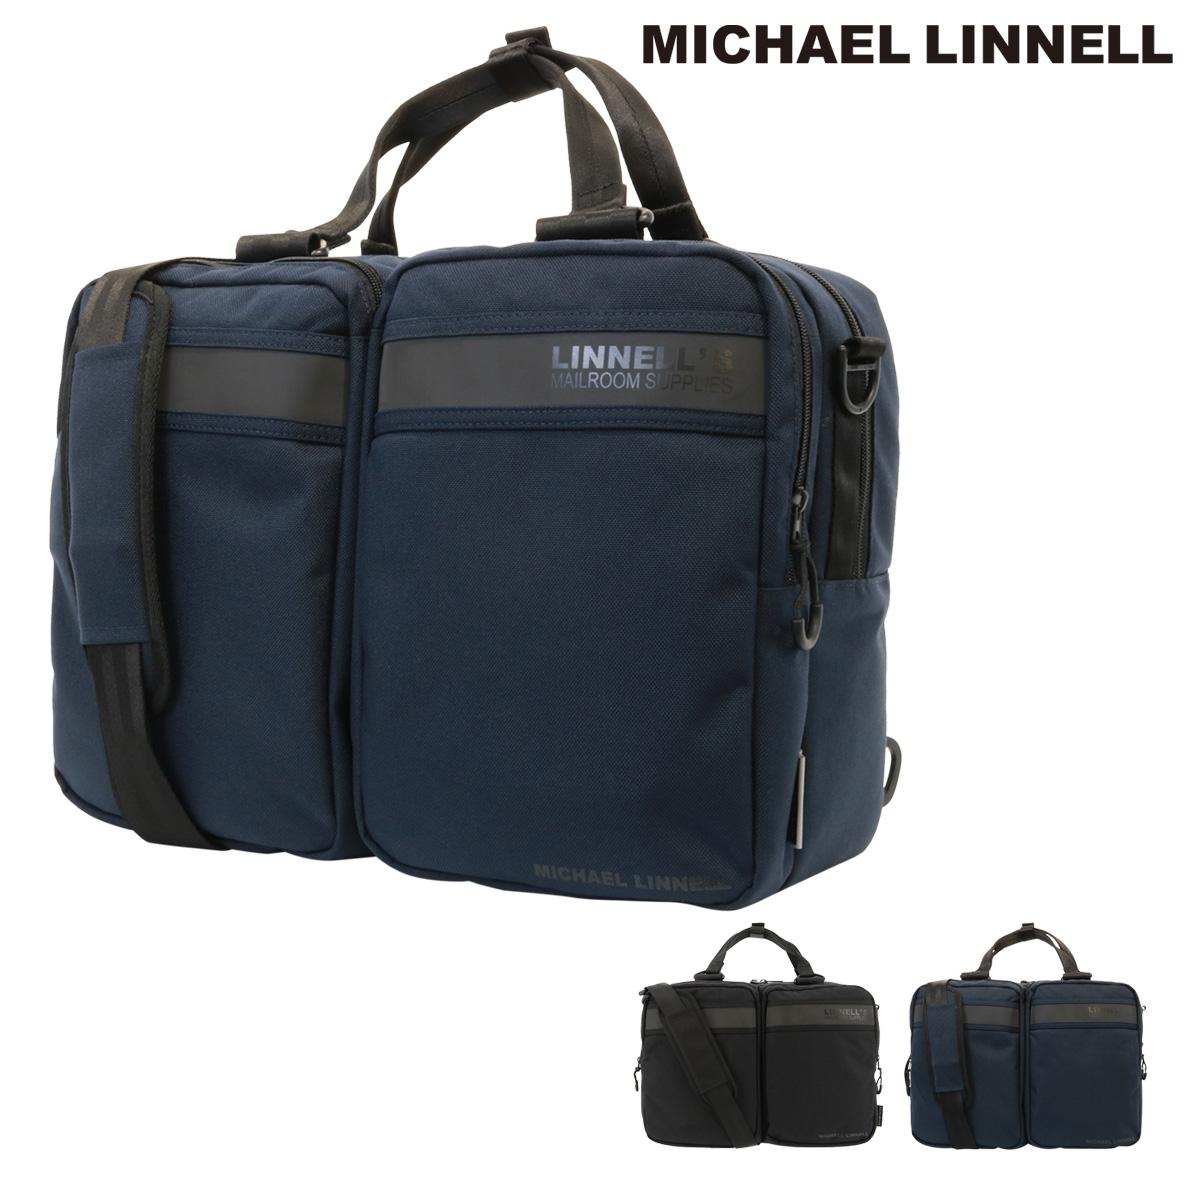 マイケルリンネル ビジネスバッグ 3WAY メンズ F-238 MICHAEL LINNELL   リュック ブリーフケース ビジネス フィセブレイブ FICCEBRAVE [PO5][bef][即日発送]